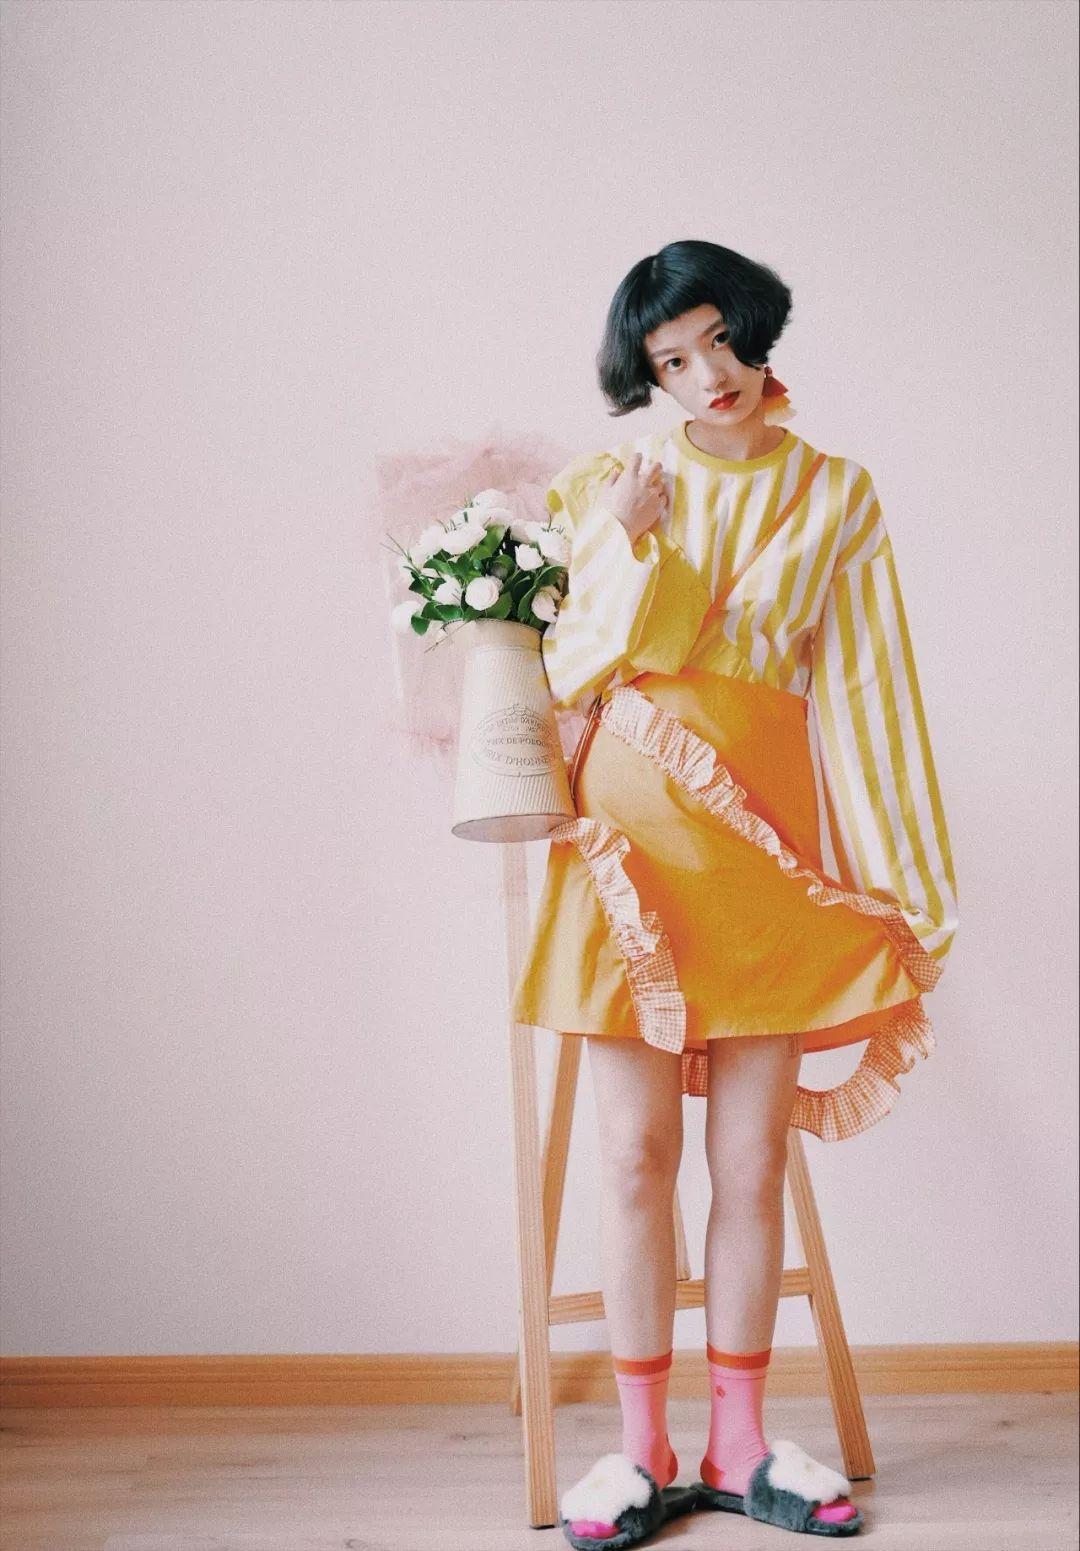 """时尚 正文  """"衬衫的材质非常新颖,像用折纸为自己做了一件上衣."""